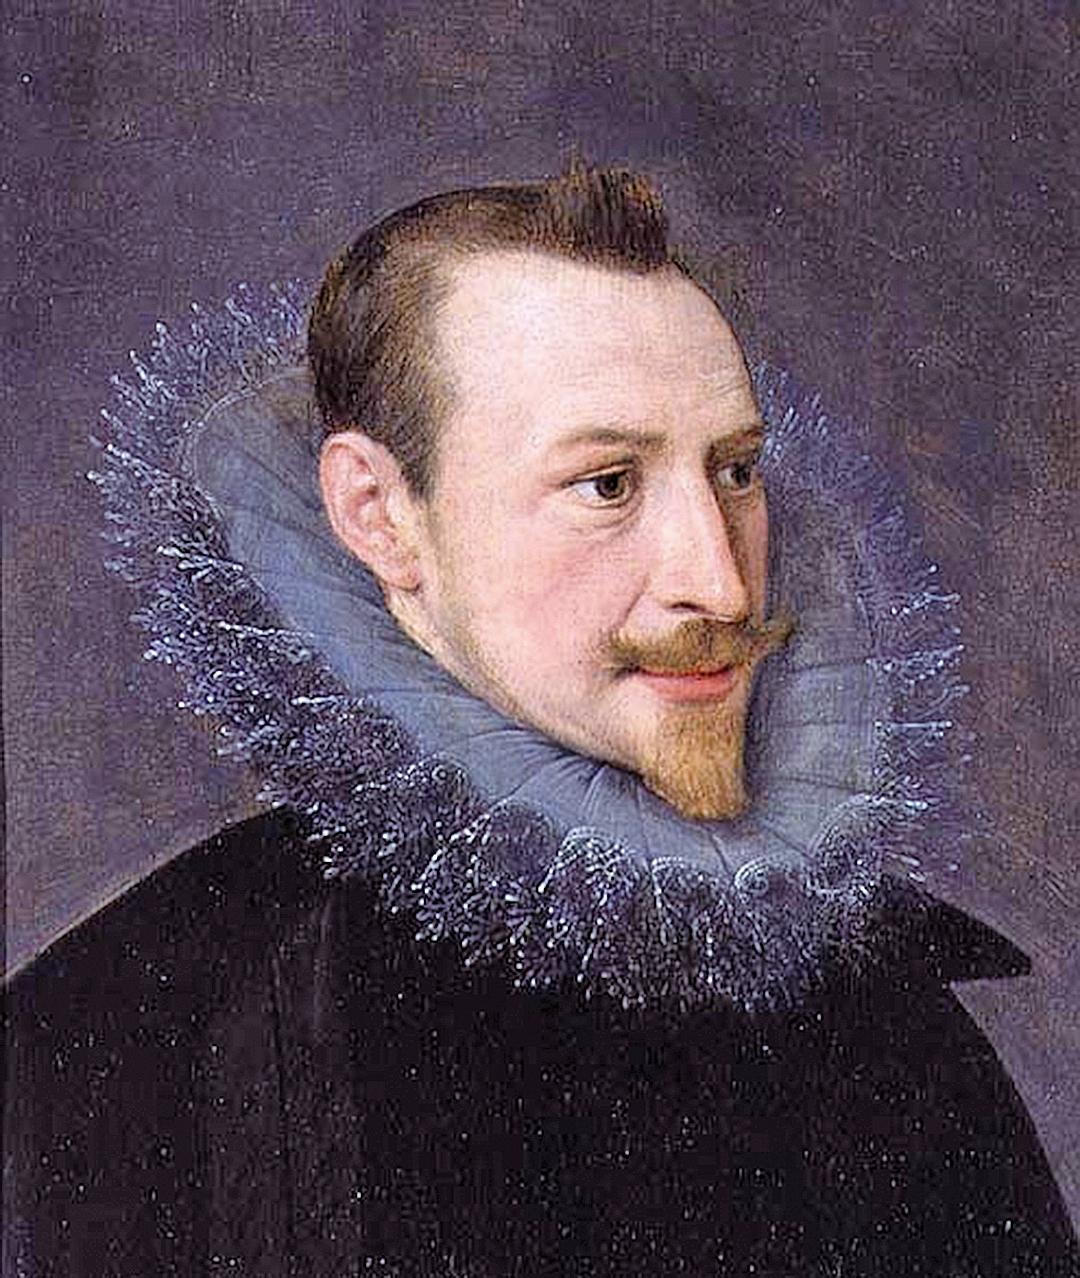 埃德蒙•斯賓塞(Edmund Spenser)畫像(維基百科)